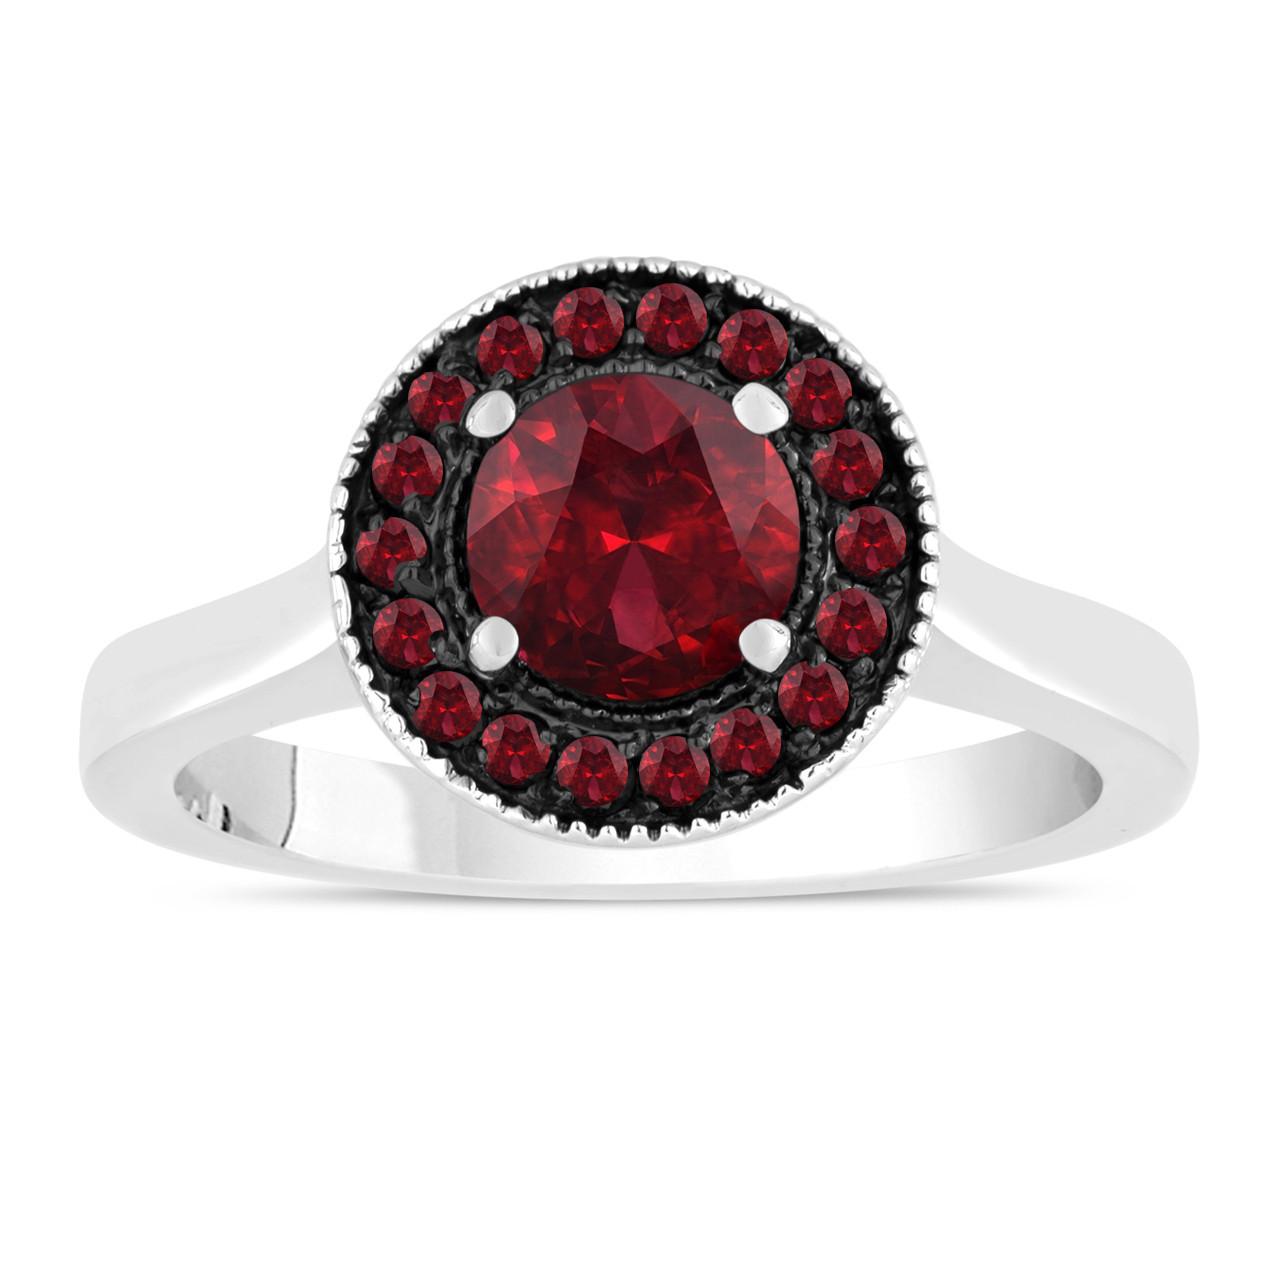 120 carat garnet engagement ring wedding ring 14k white